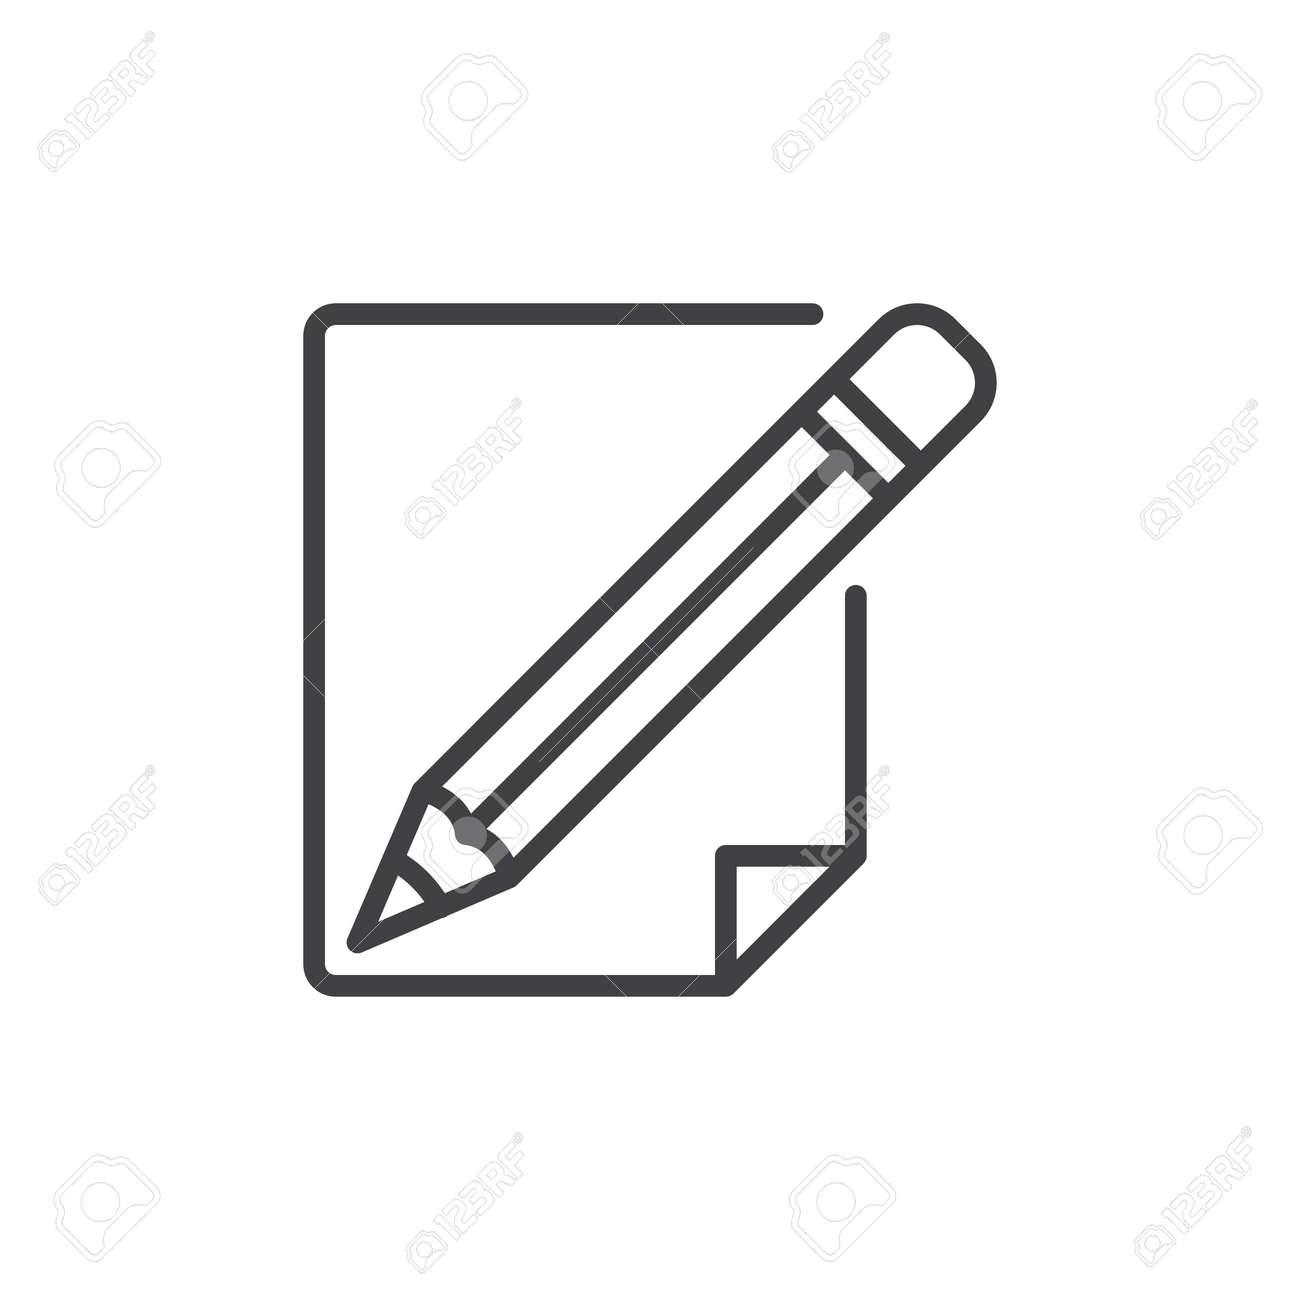 Icono De Línea De Lápiz Y Papel, Signo De Vector De Contorno ...